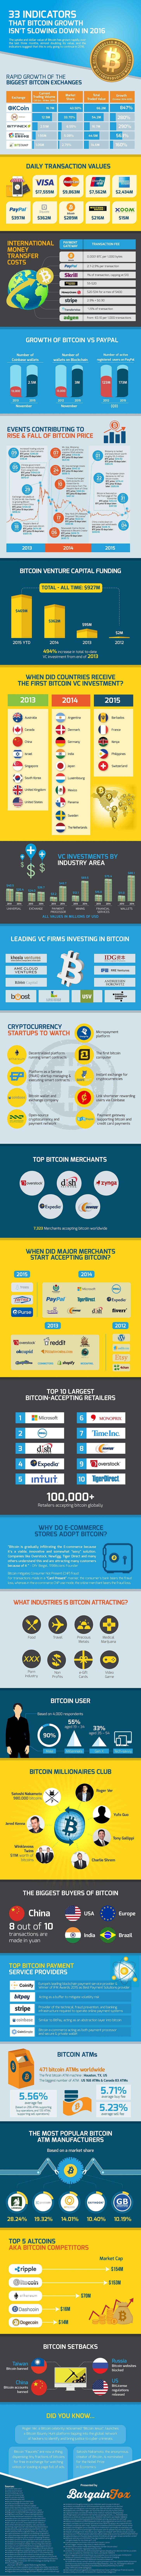 33 indicateurs : la hausse de Bitcoin ne ralentira pas en 2016 (infographie)